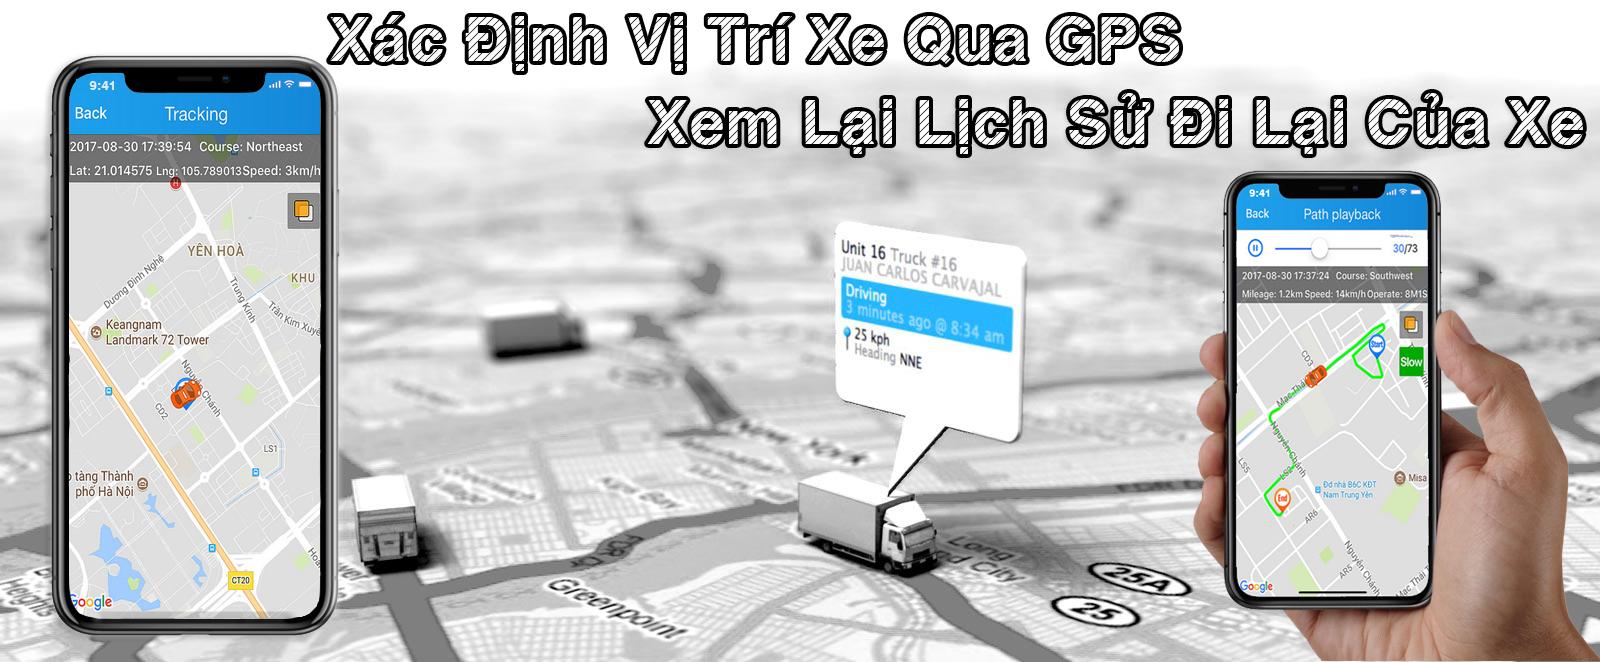 VM100 CÓ THỂ ĐỊNH VỊ VÍ TRÍ XE VÀ XEM LẠI LỊCH SỬ ĐI LẠI CỦA XE THÔNG QUA GPS